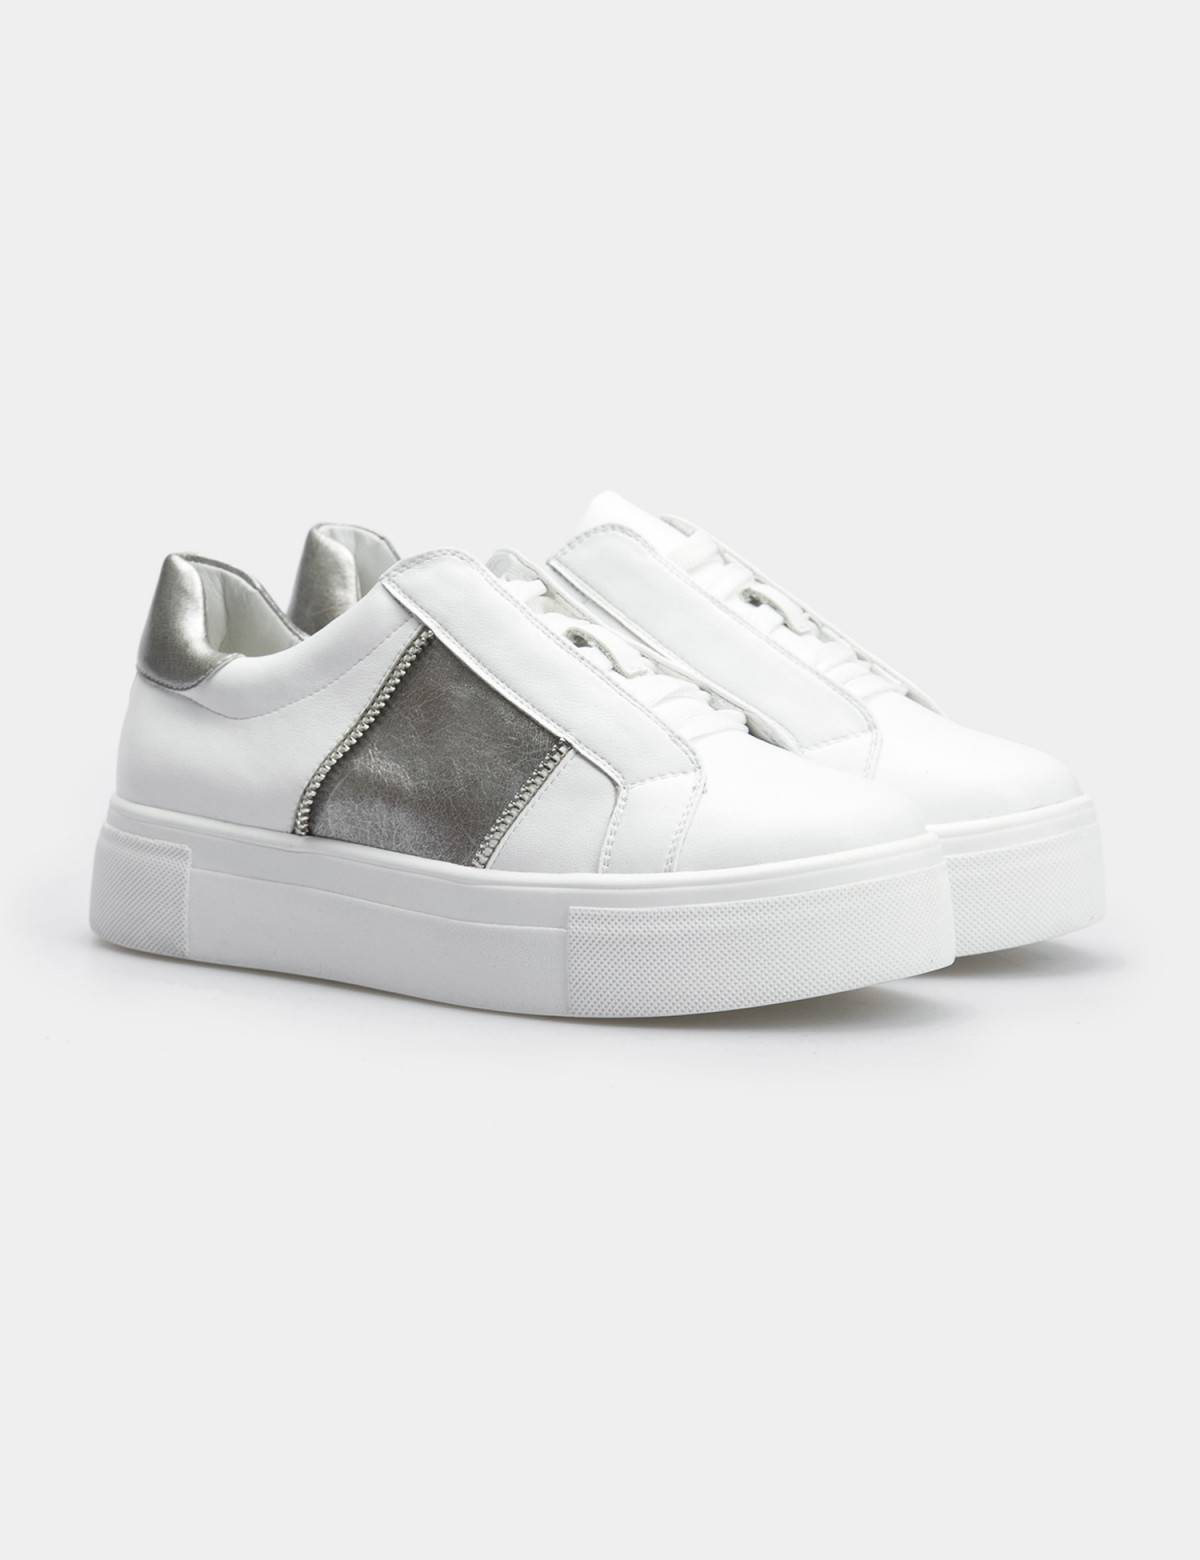 Кросівки білі, натуральна шкіра1